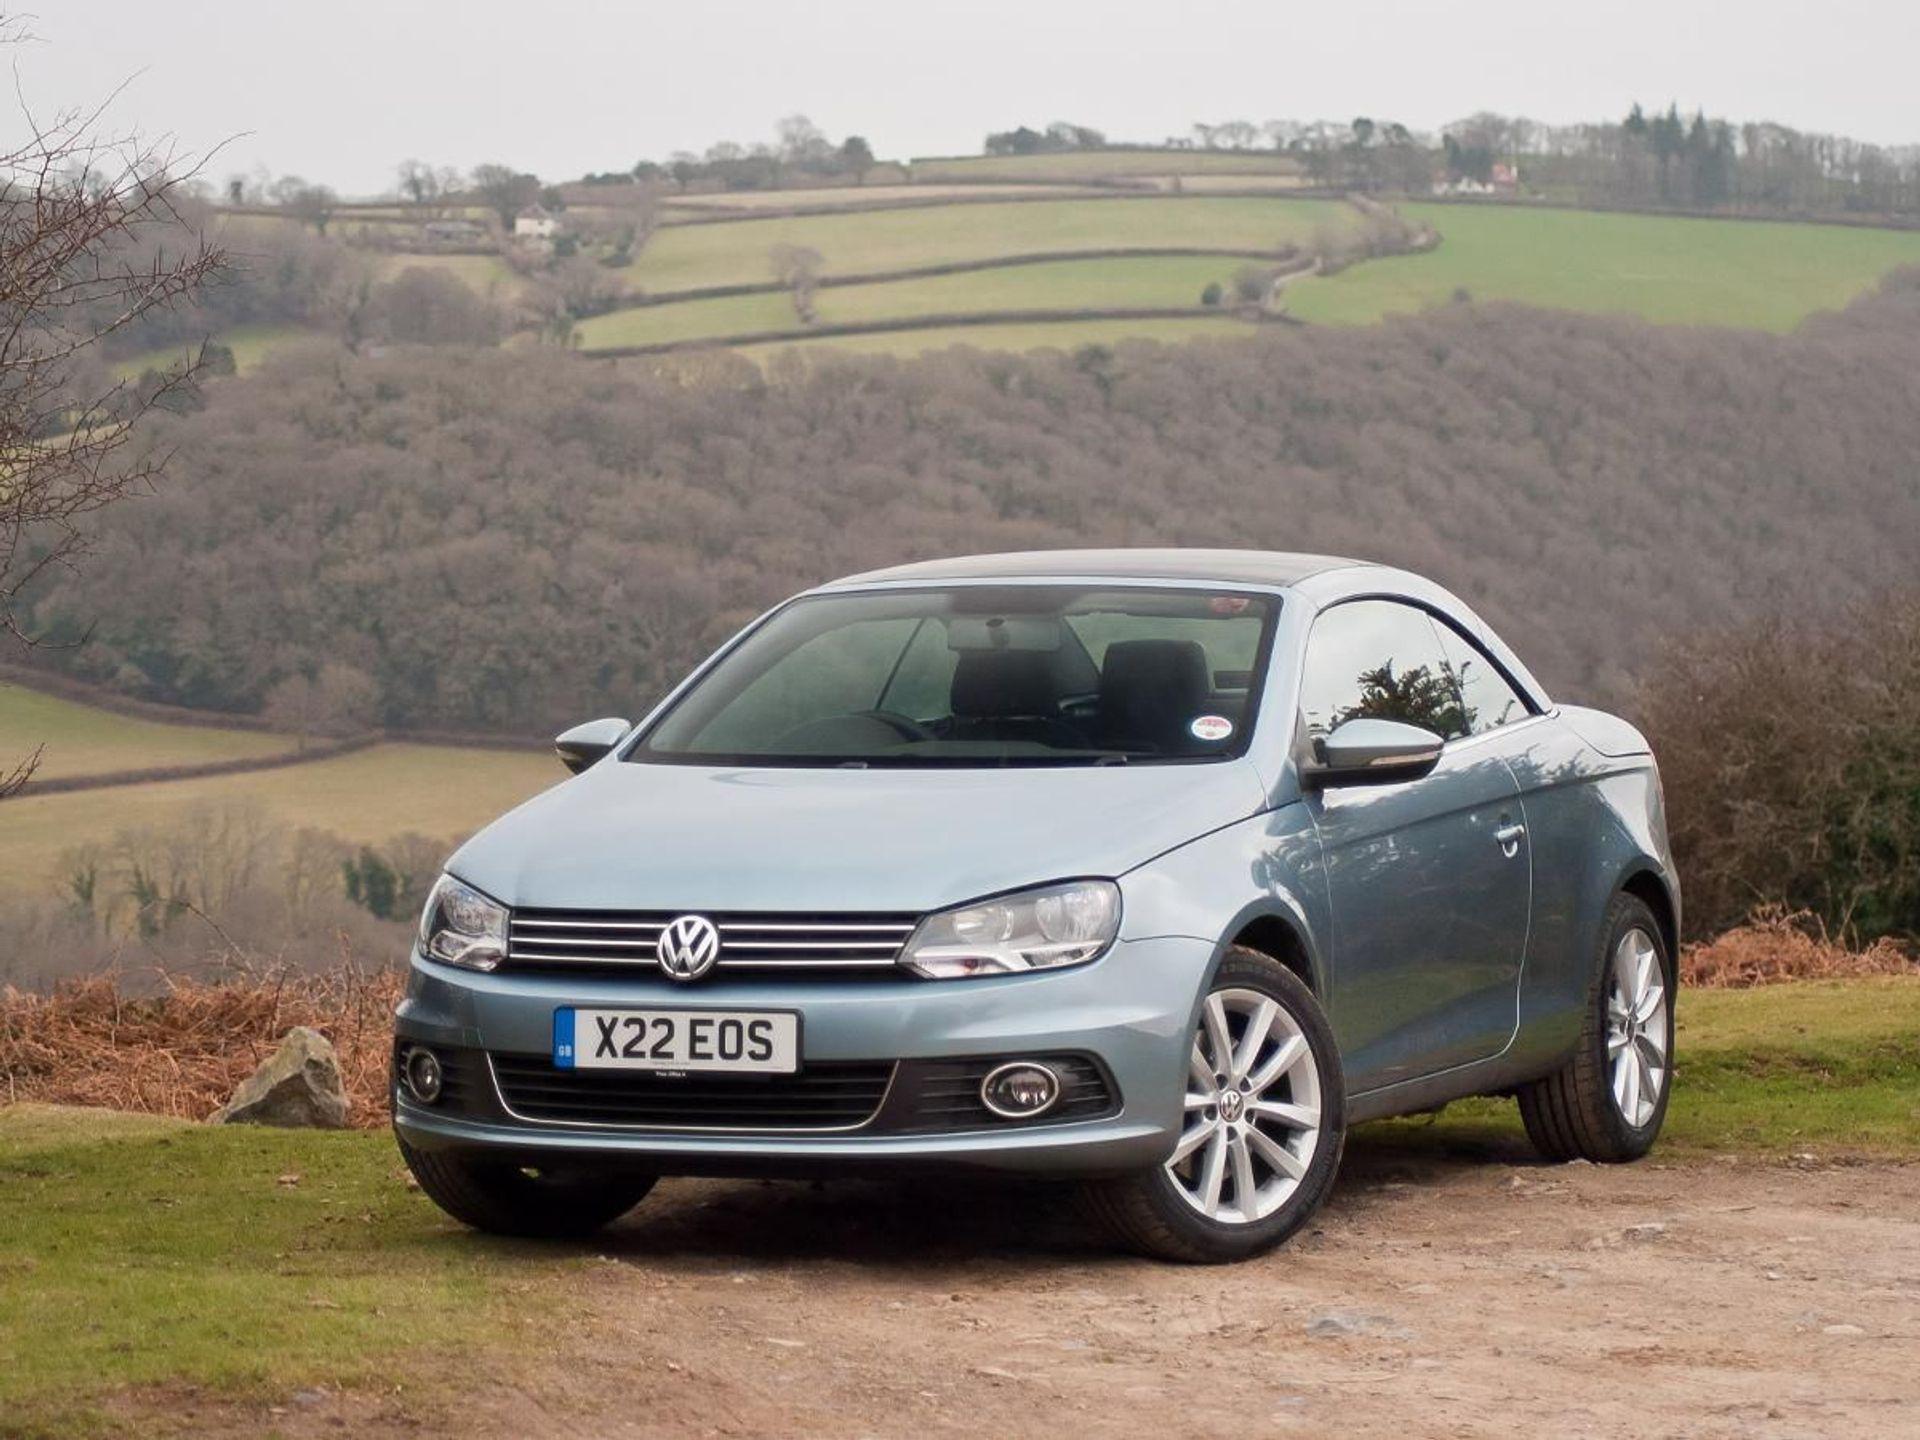 Volkswagen Eos  image